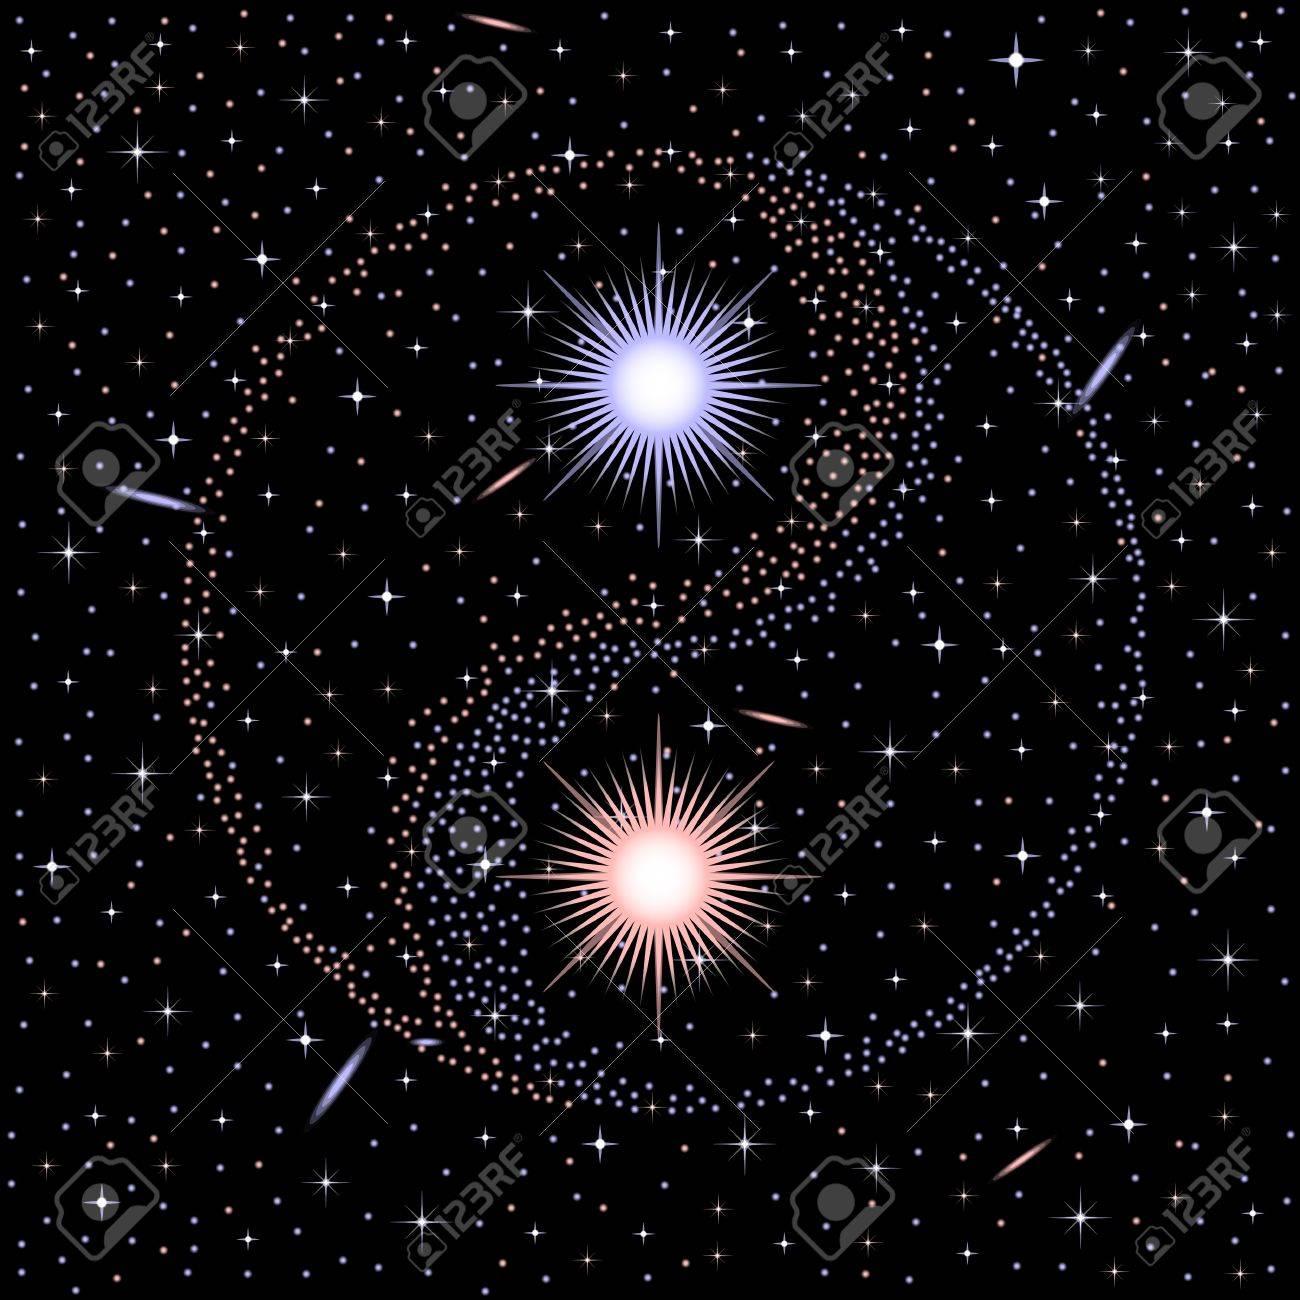 Star yin yang - 16385273